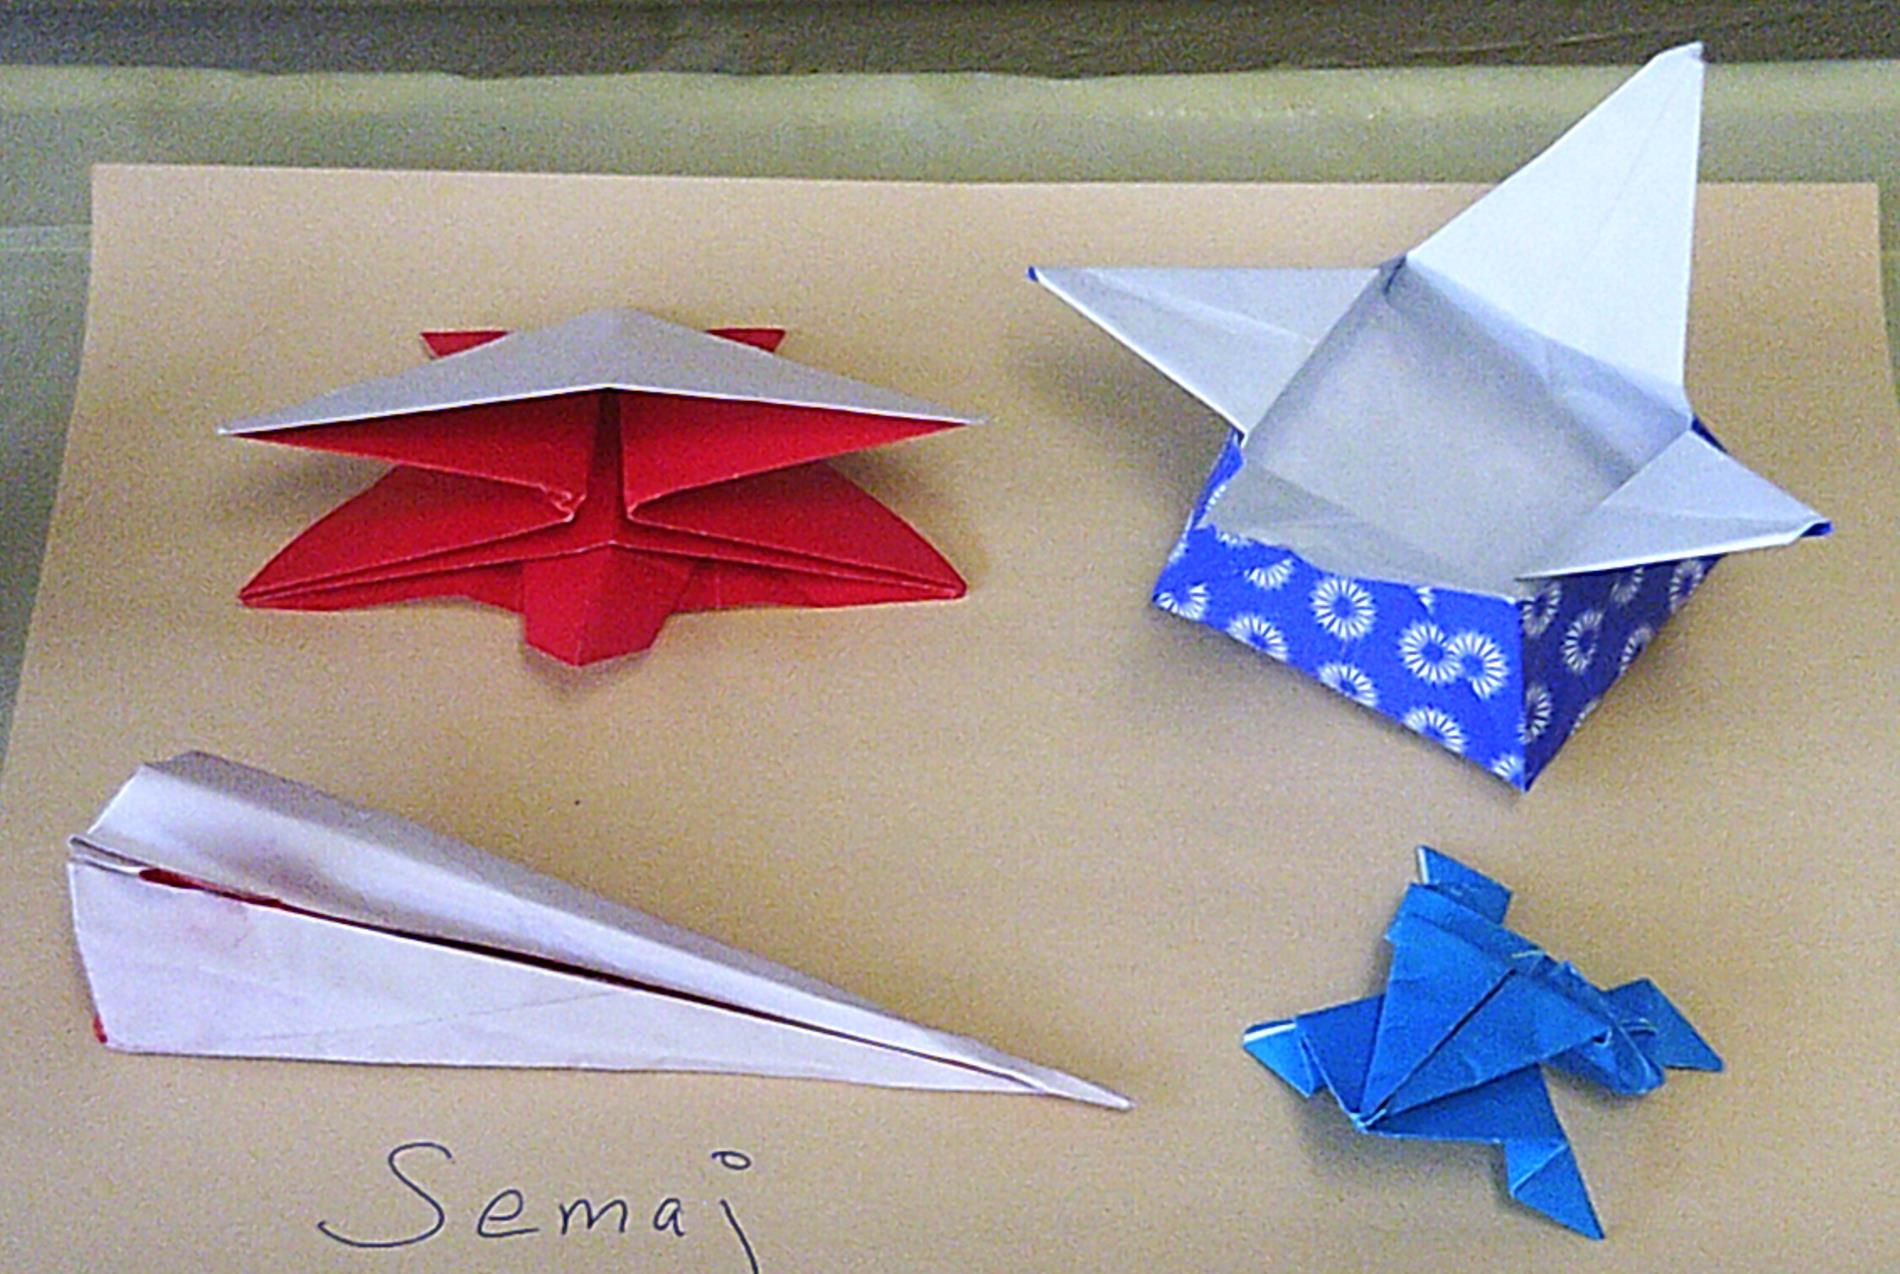 Japan Origami Semaj